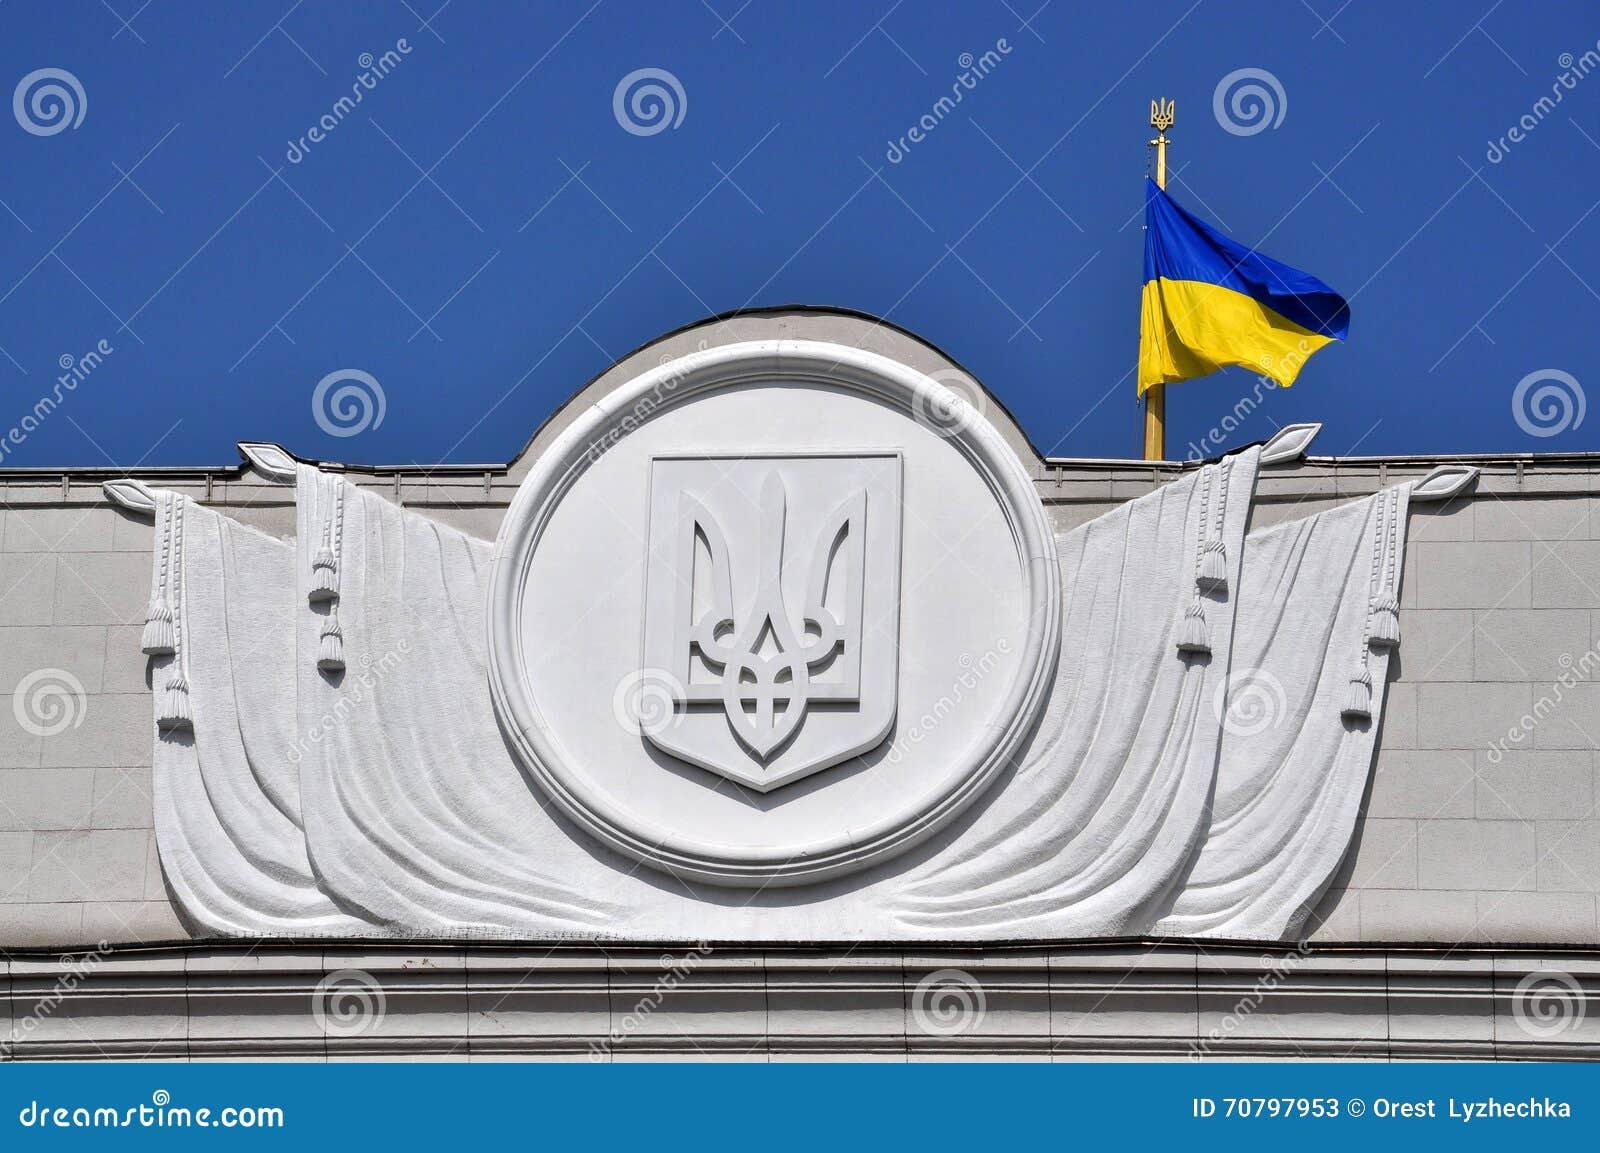 乌克兰的小象征